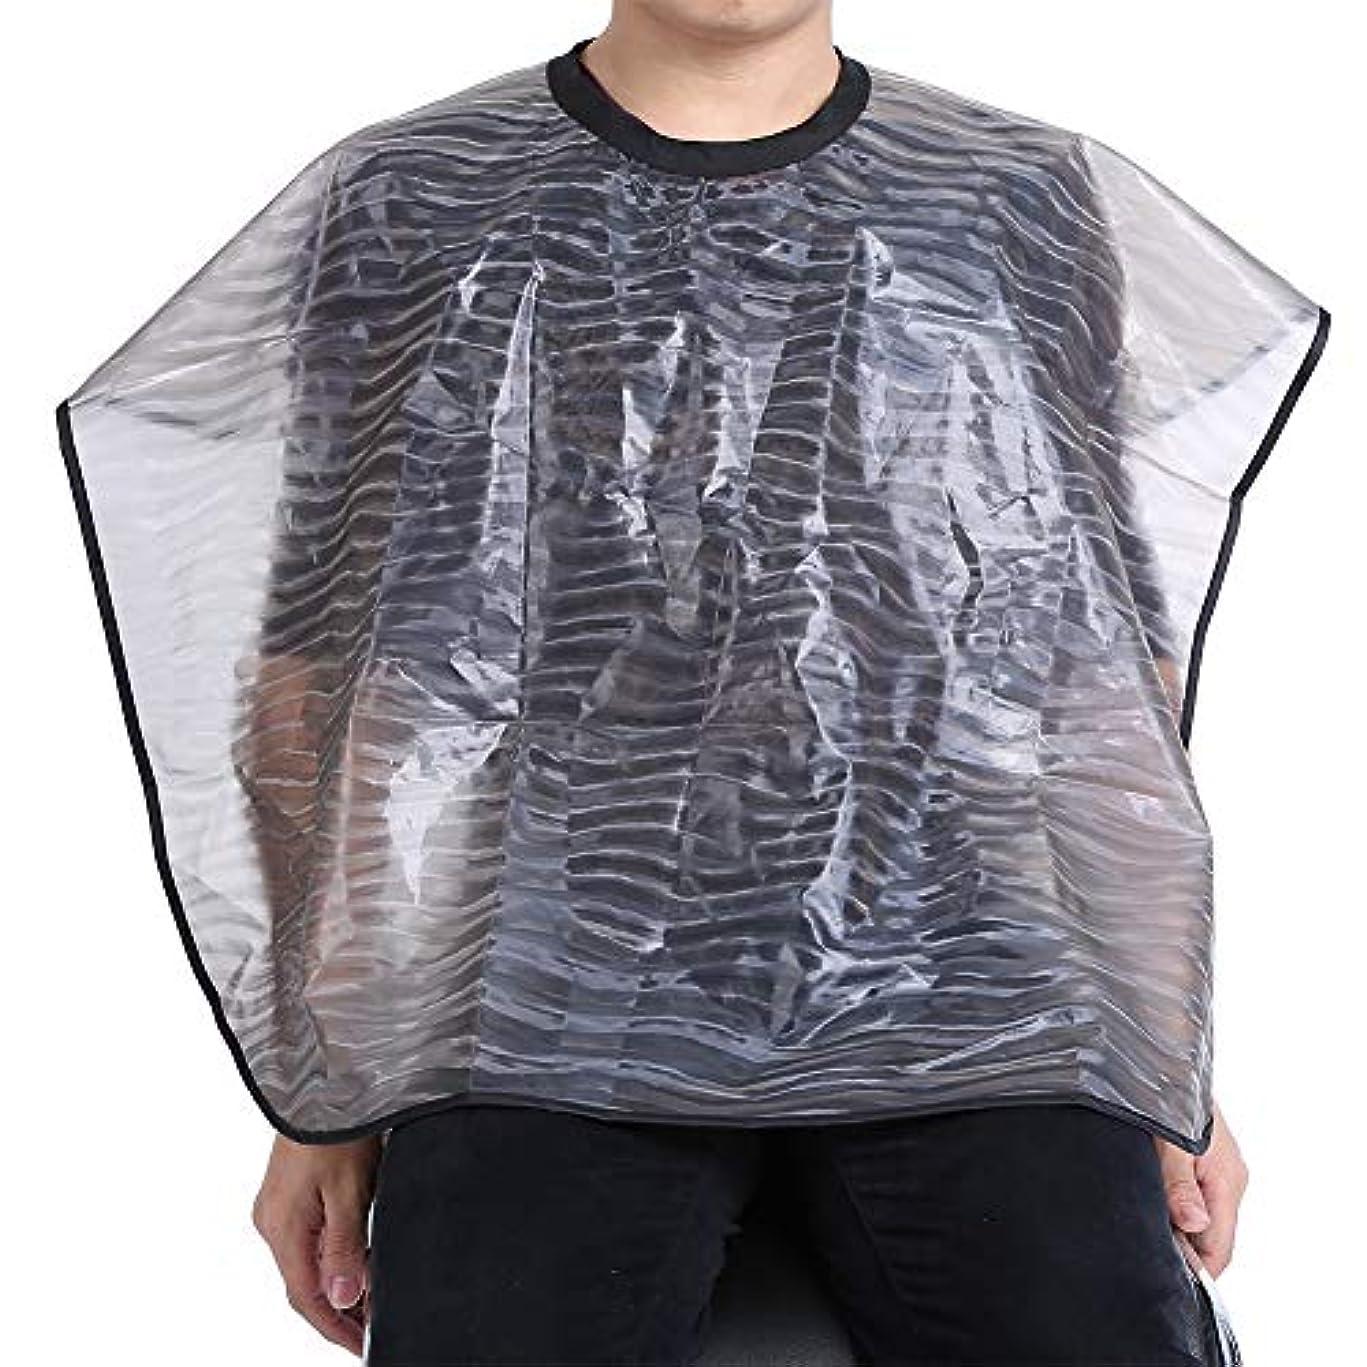 アラーム人種征服する2サイズ防水再利用可能なサロン理髪布-耐久性のあるヘアスタイリストガウンバーバーケープ(01)